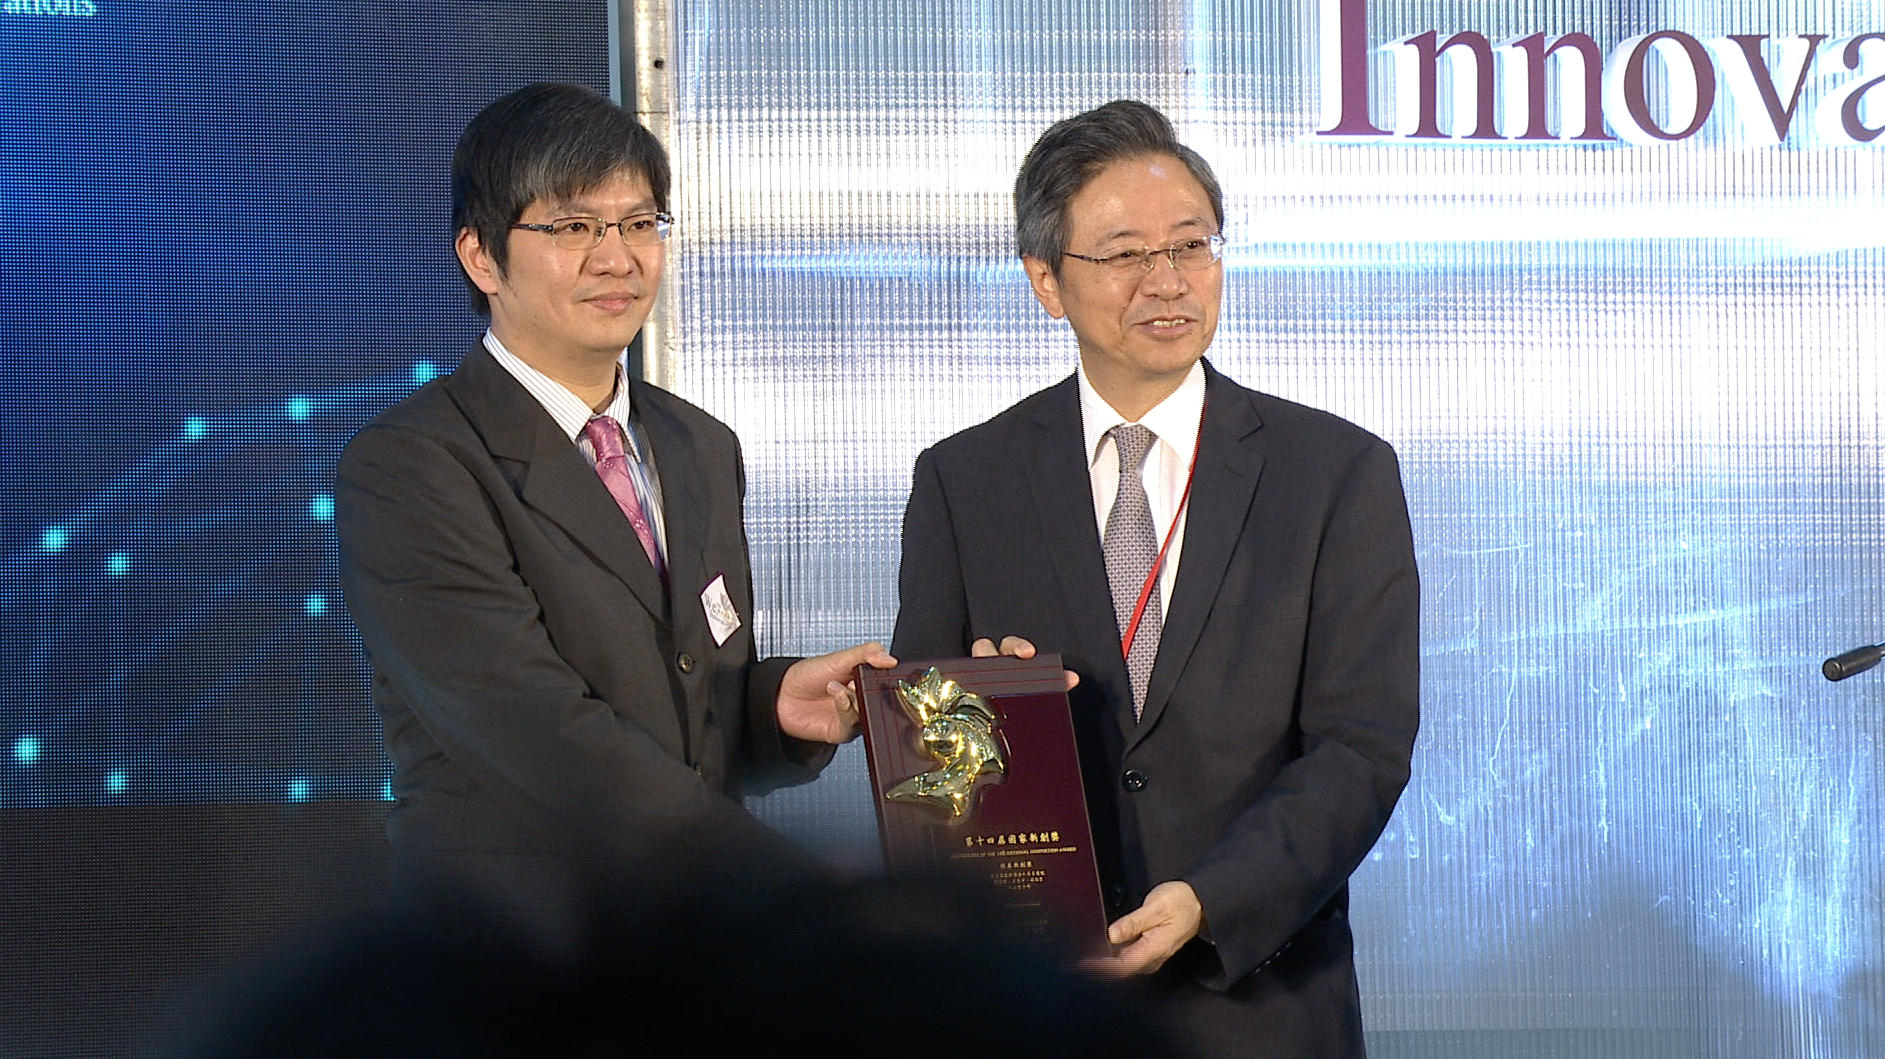 臨床新創 臨床技術創新組獲獎